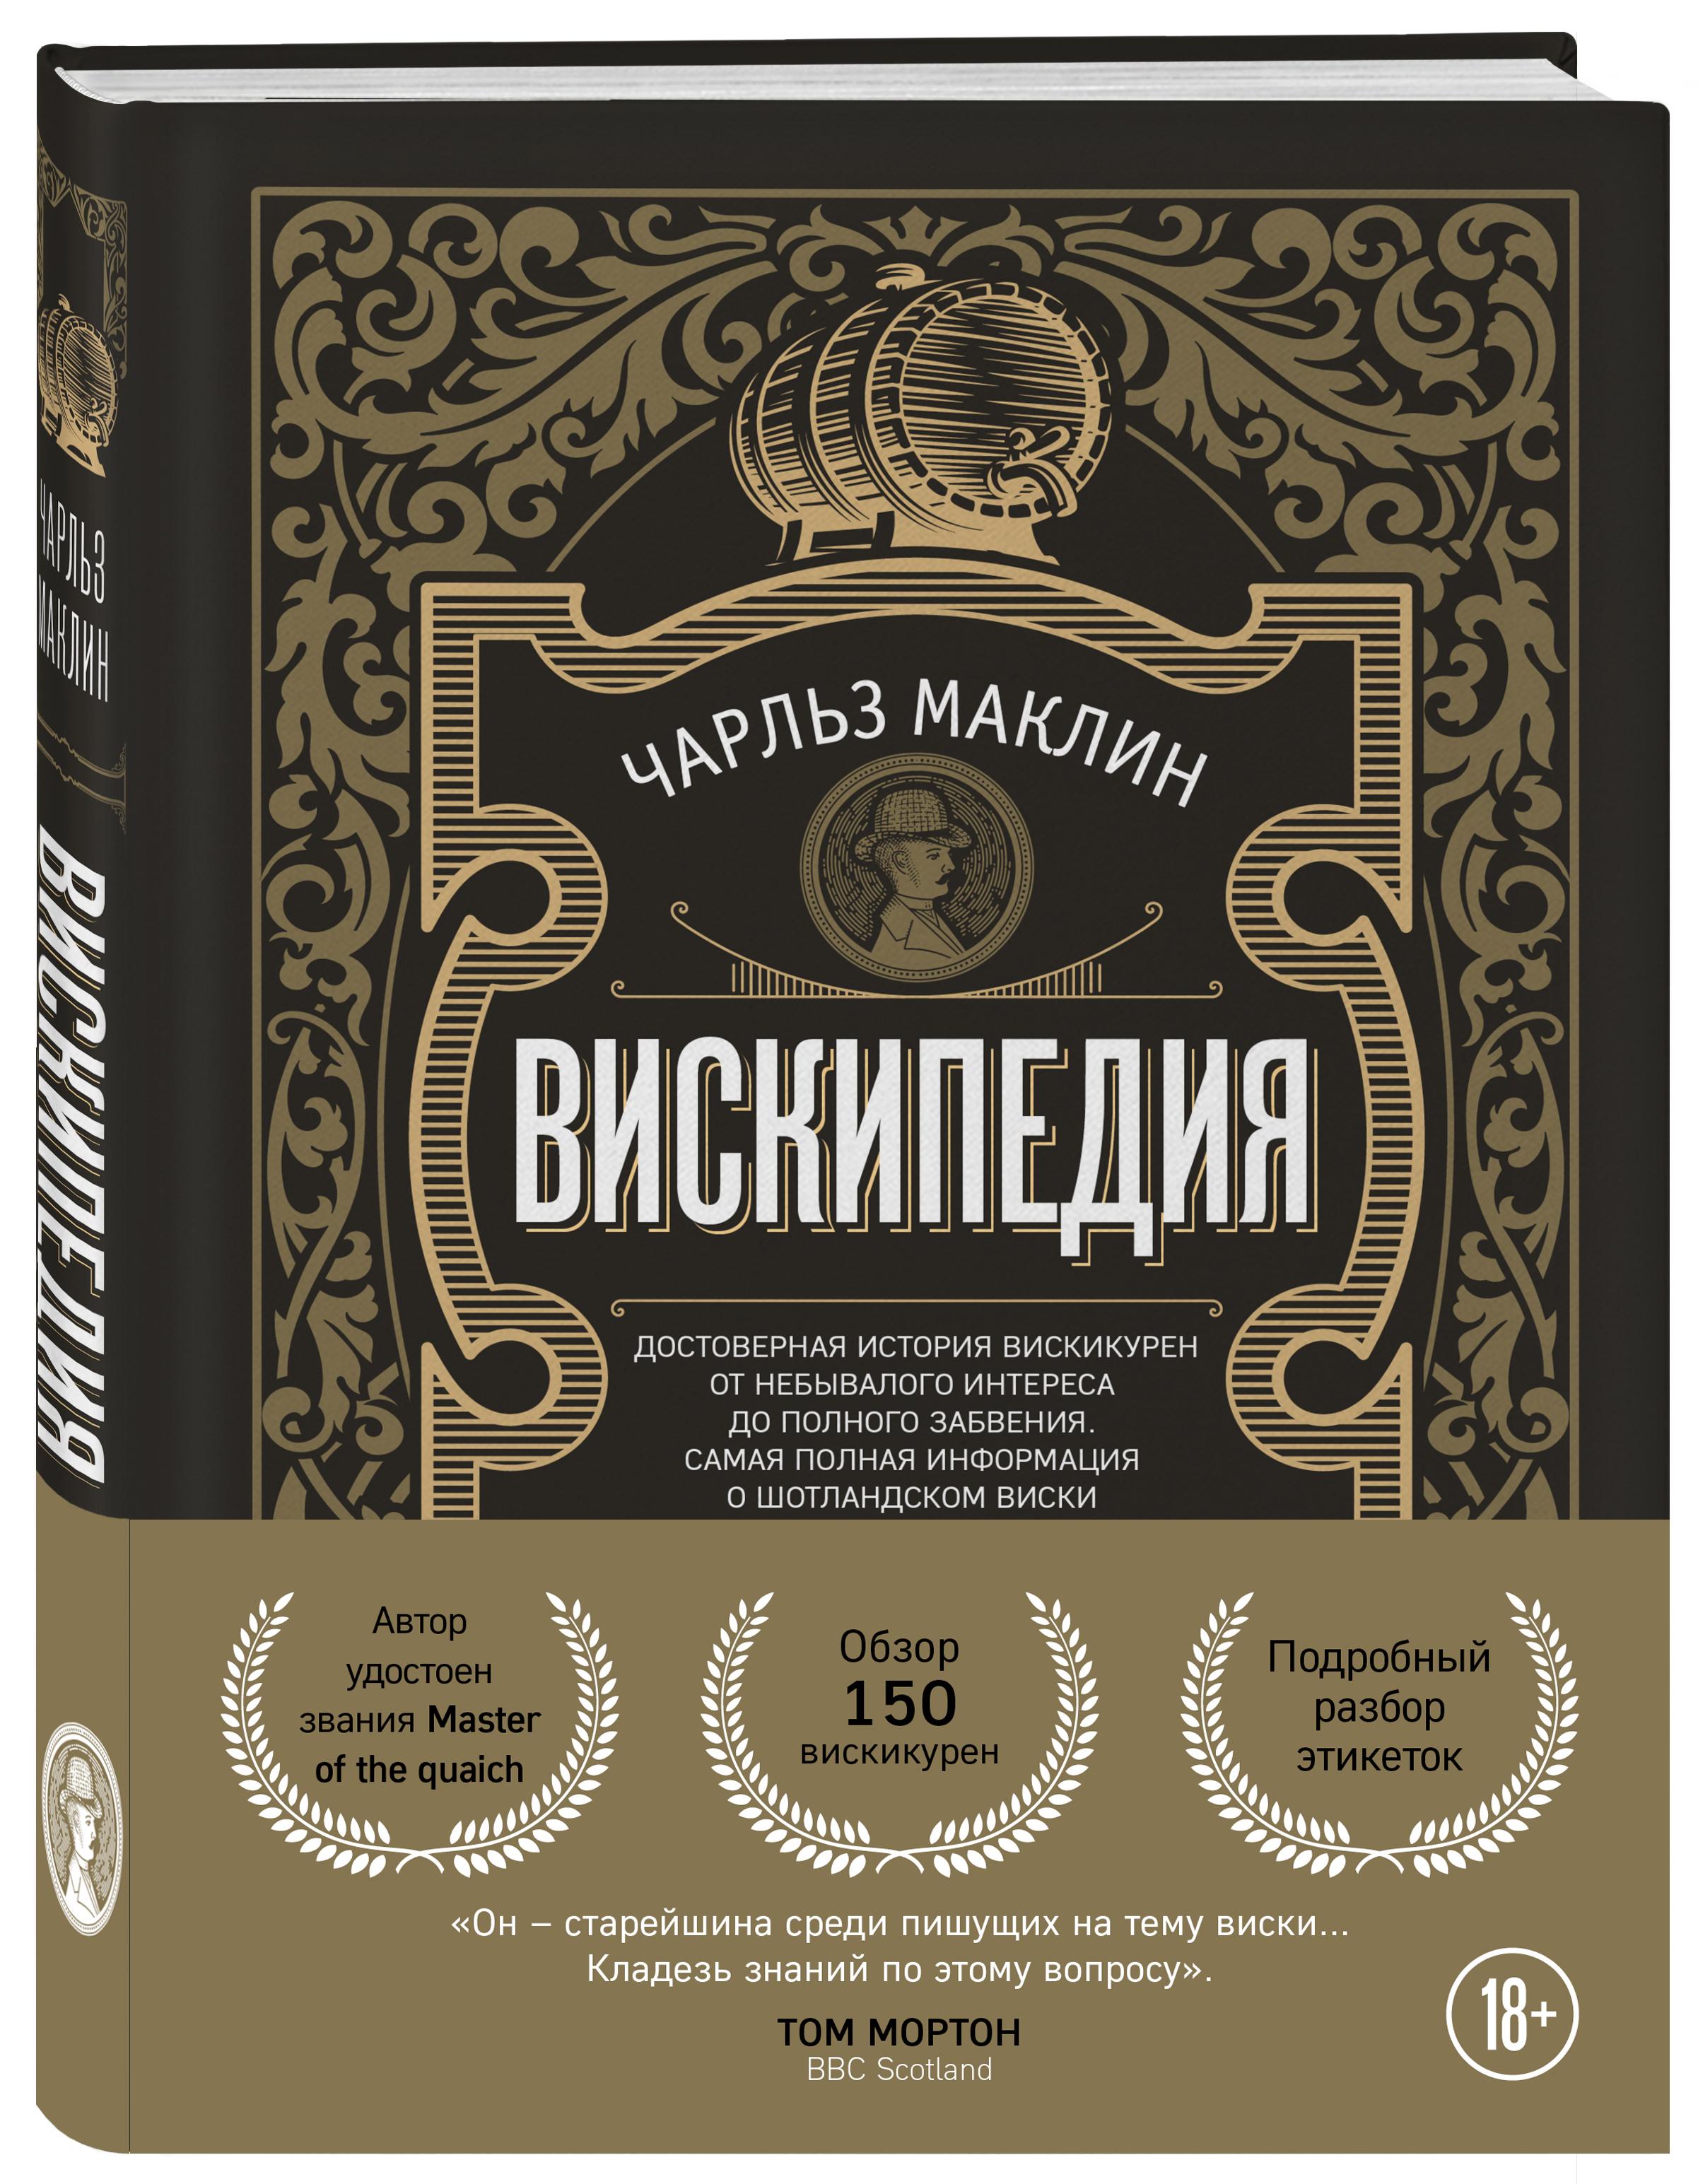 Чарльз Маклин Вискипедия дэвид вишарт классификация виски как выбрать виски по вкусу